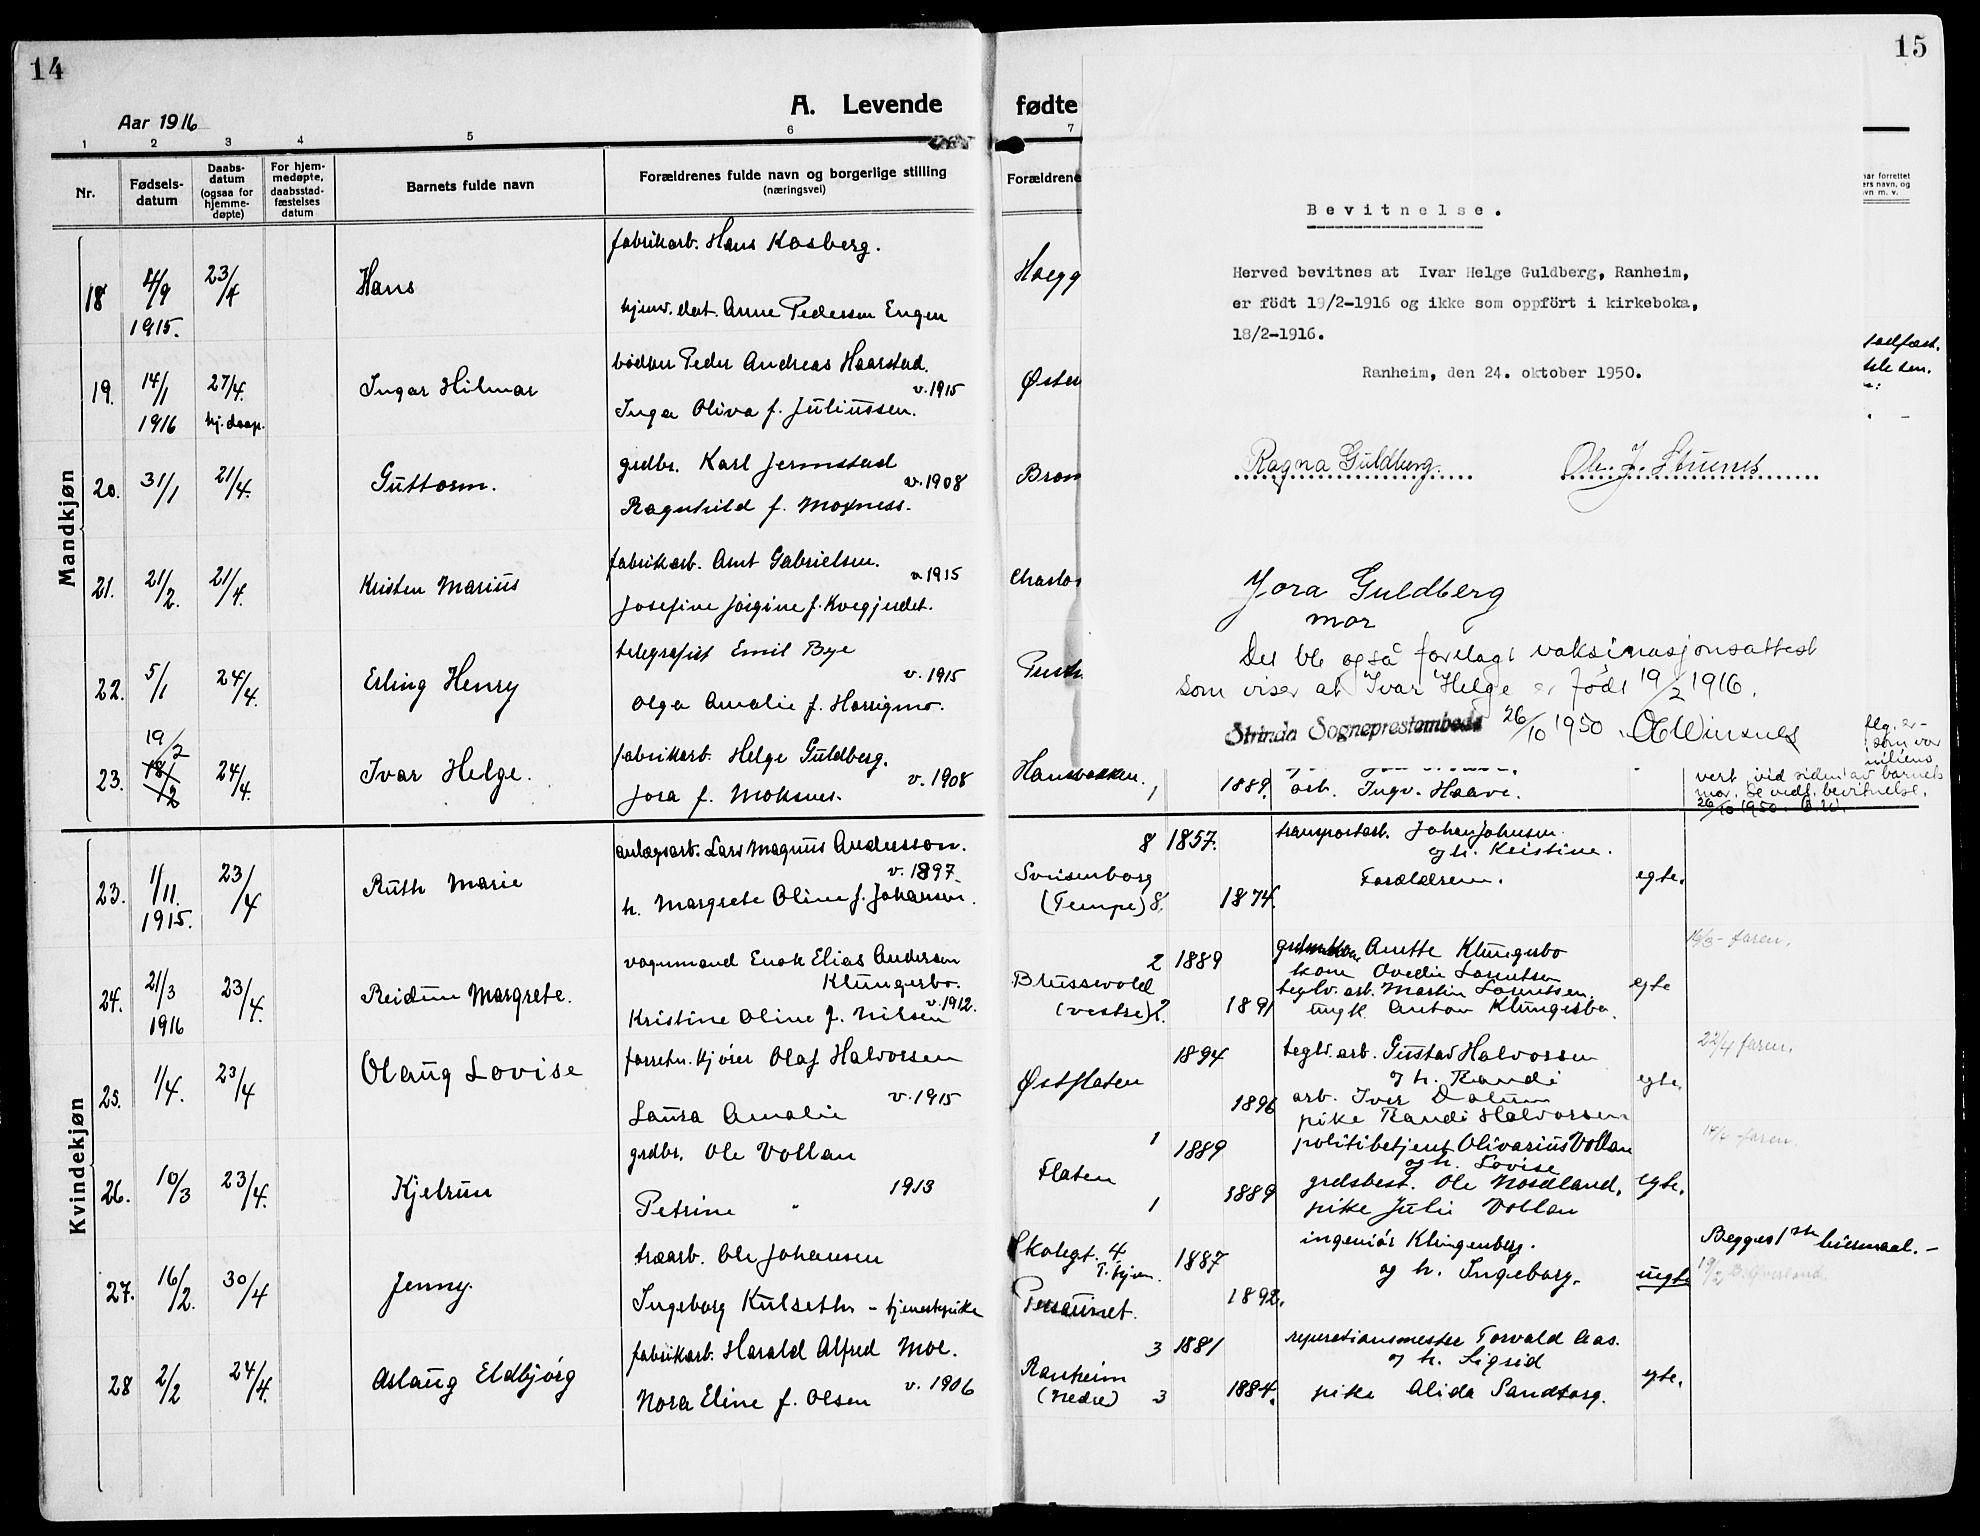 SAT, Ministerialprotokoller, klokkerbøker og fødselsregistre - Sør-Trøndelag, 607/L0321: Ministerialbok nr. 607A05, 1916-1935, s. 14-15